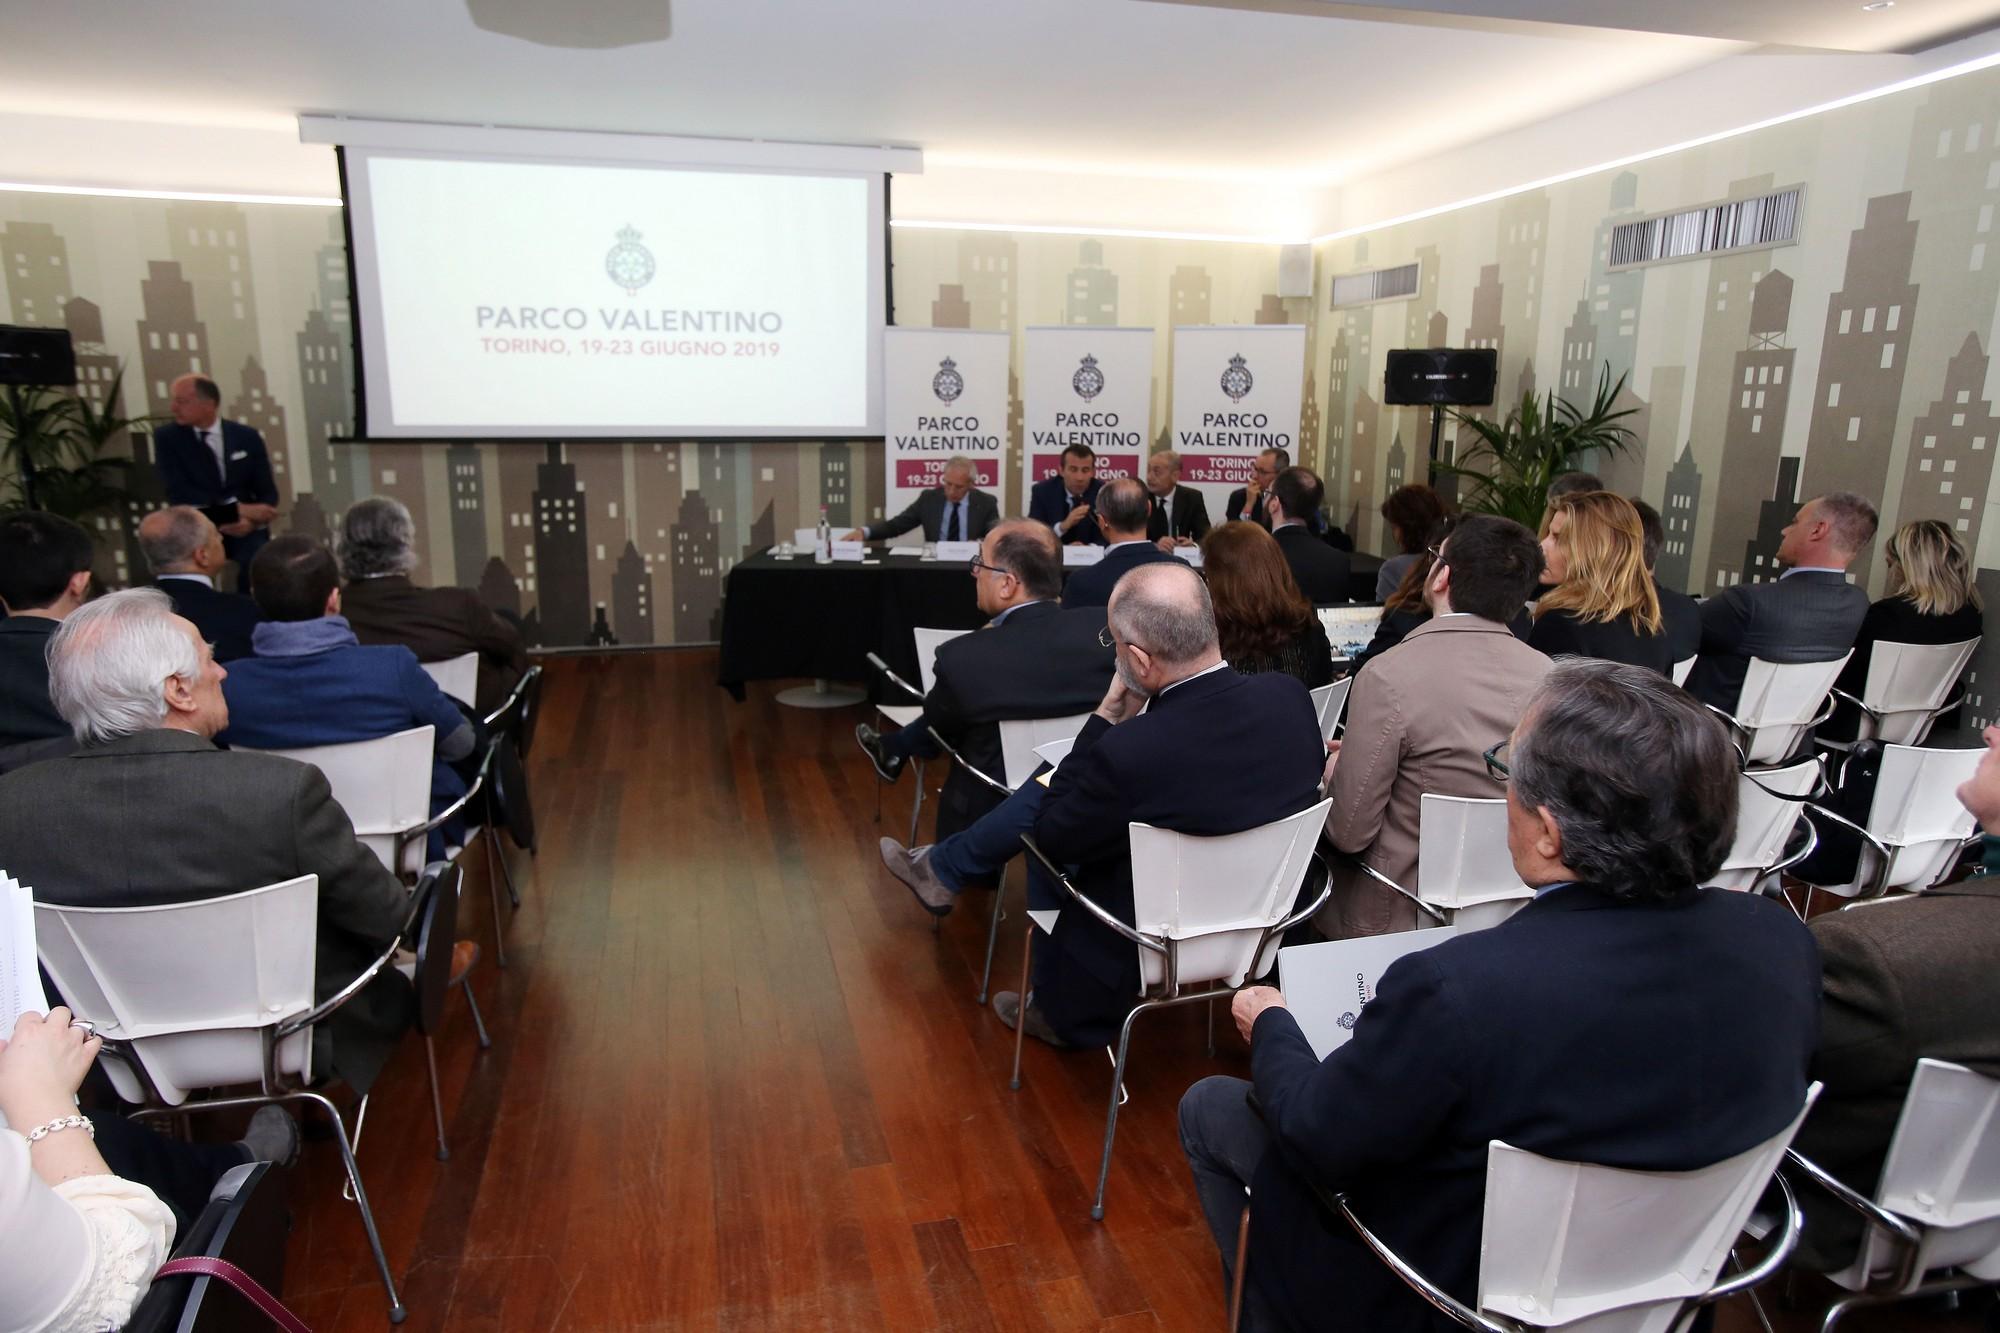 Salone dell'Auto di Torino, Parco Valentino 2019: la conferenza di presentazione, temi trattati